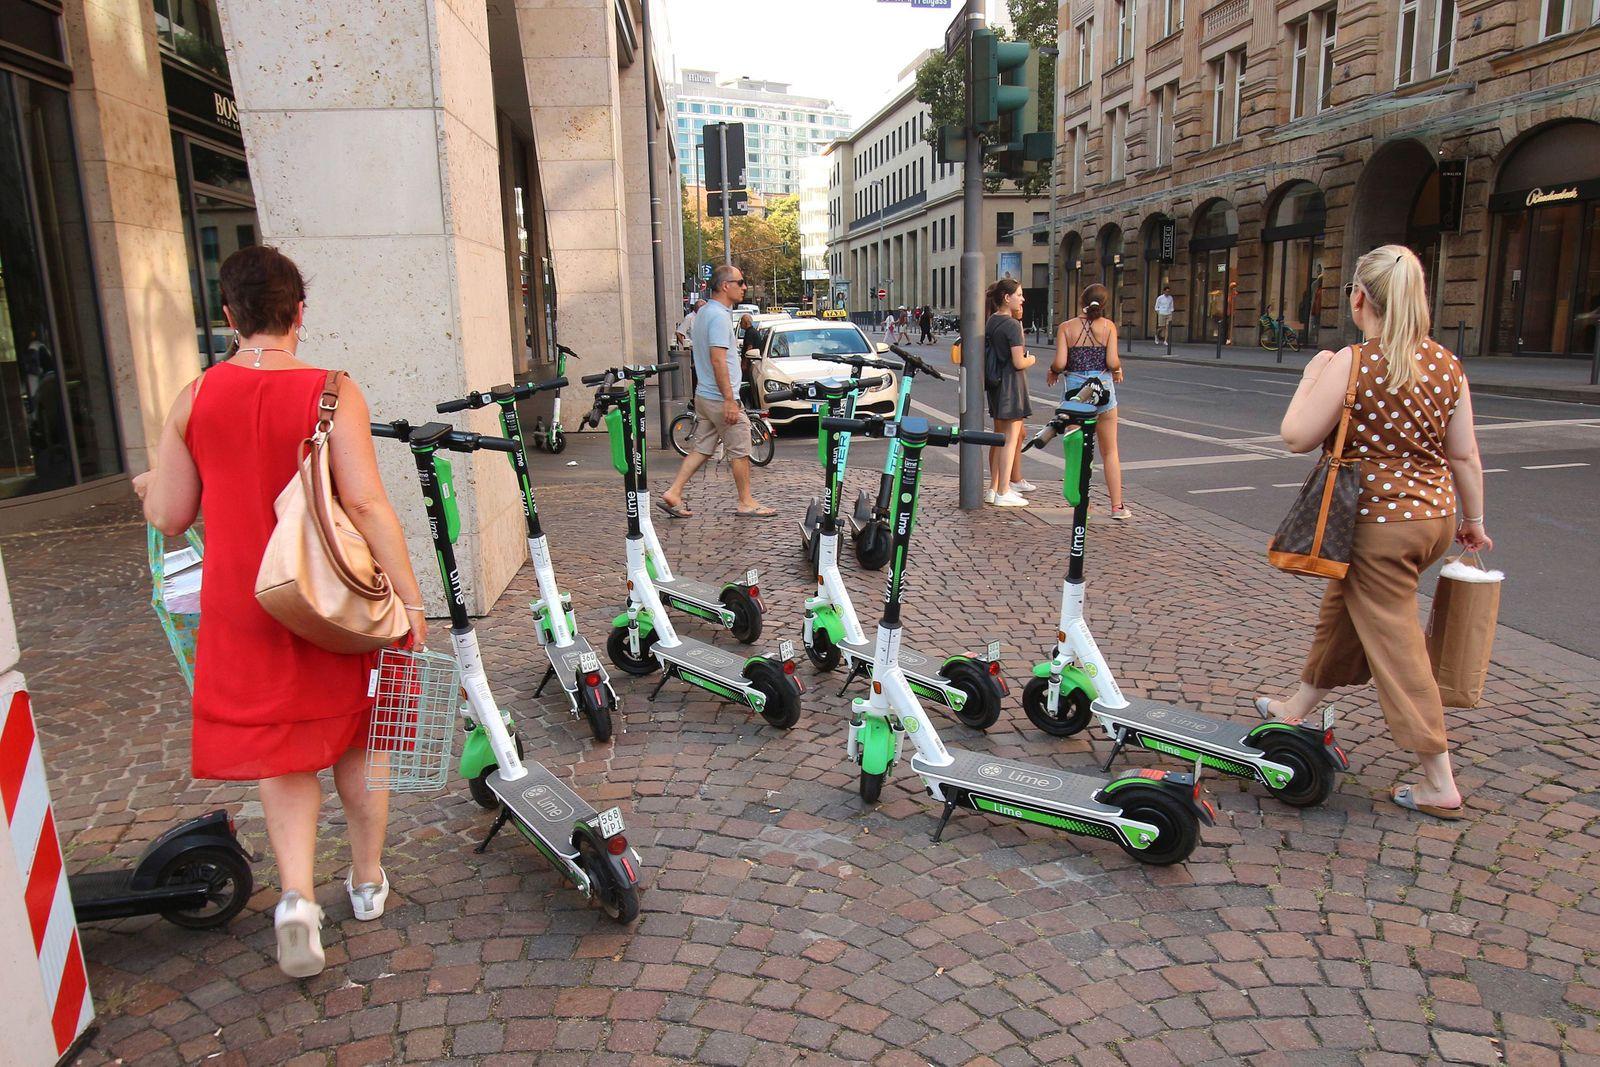 Wild auf dem Bürgersteig an der Börsenstraße abgestellte E Roller nehmen viel Platz ein und zwingen